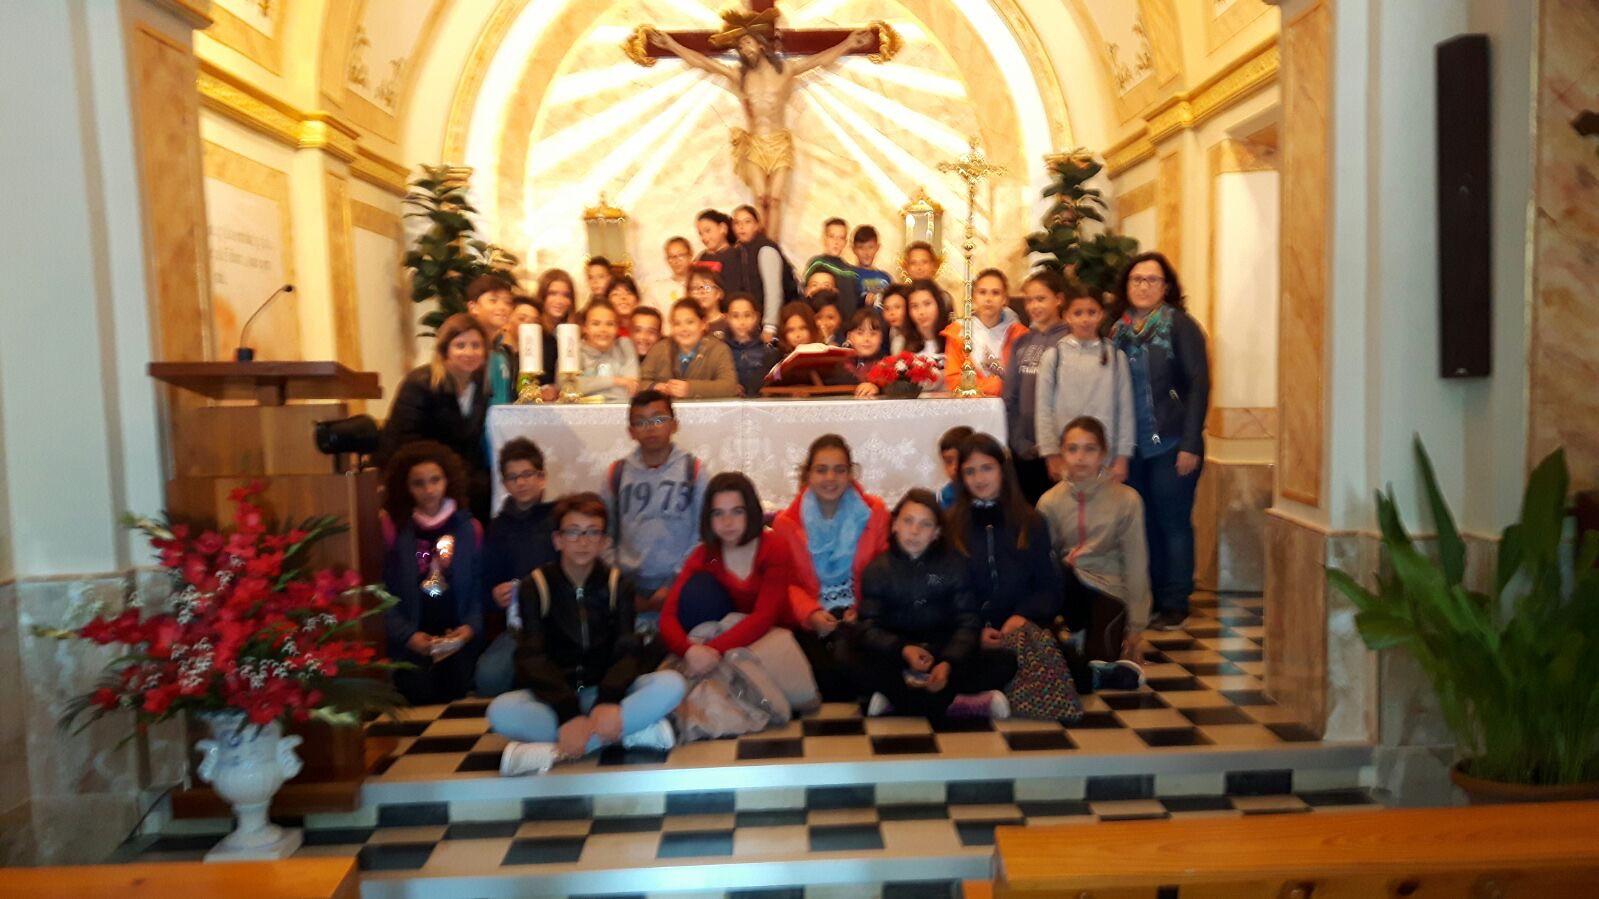 (2017-03-31) - Visita ermita alumnos Yolada-Pilar, Virrey Poveda-9 de Octubre - Maria Isabel Berenquer Brotons (08)